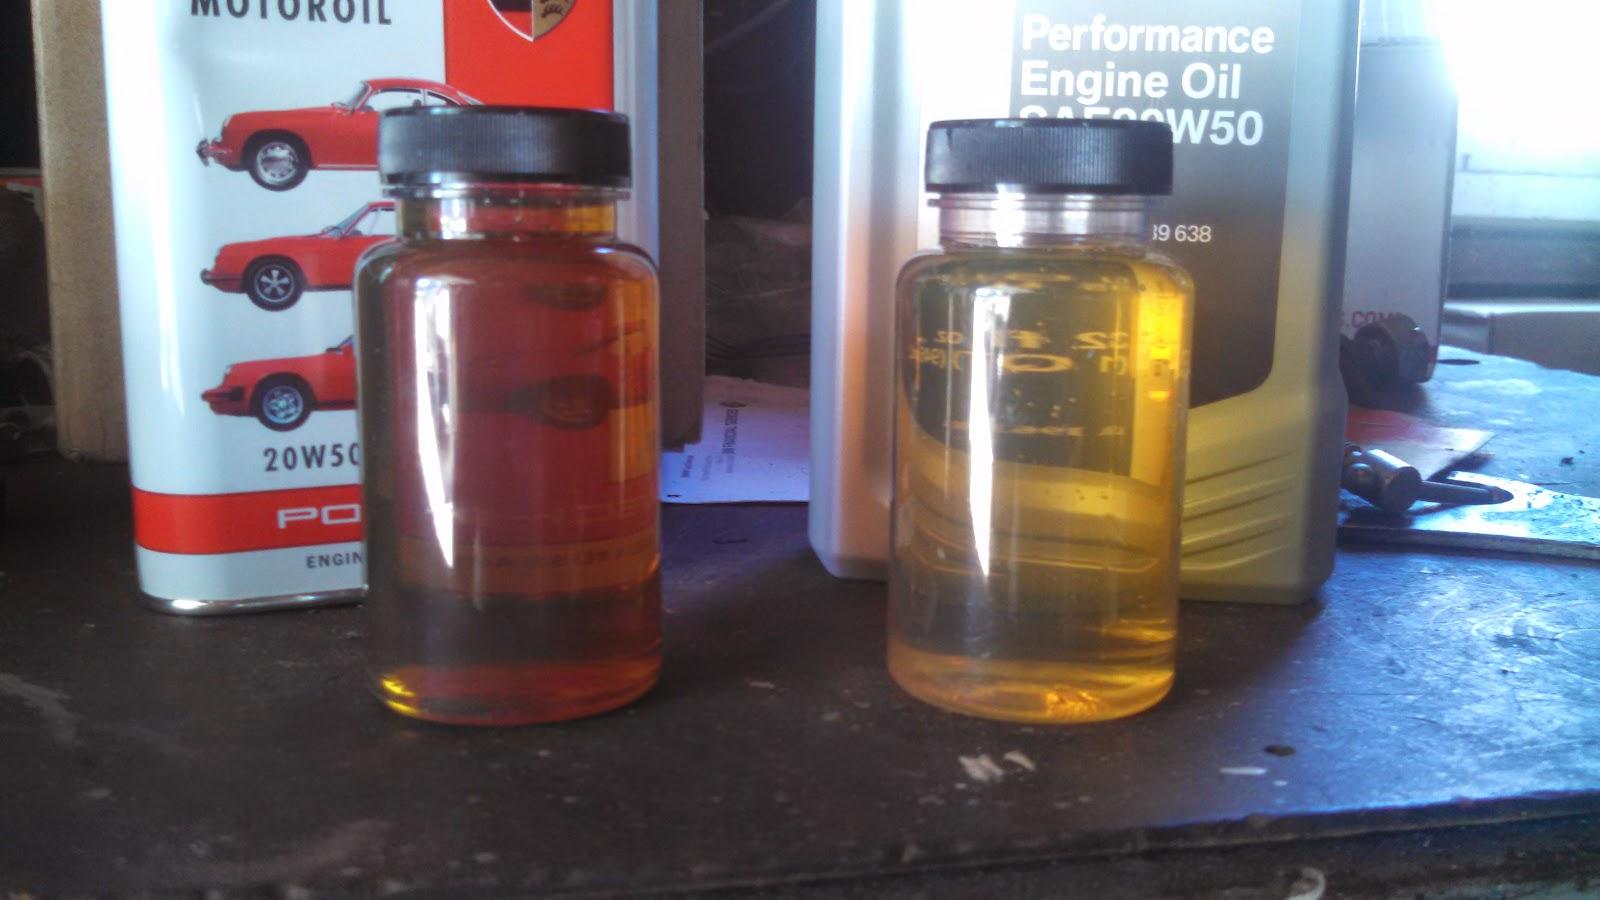 Symphony of shrapnel oil analysis bmw performance 20w50 for Classic motor oil 20w50